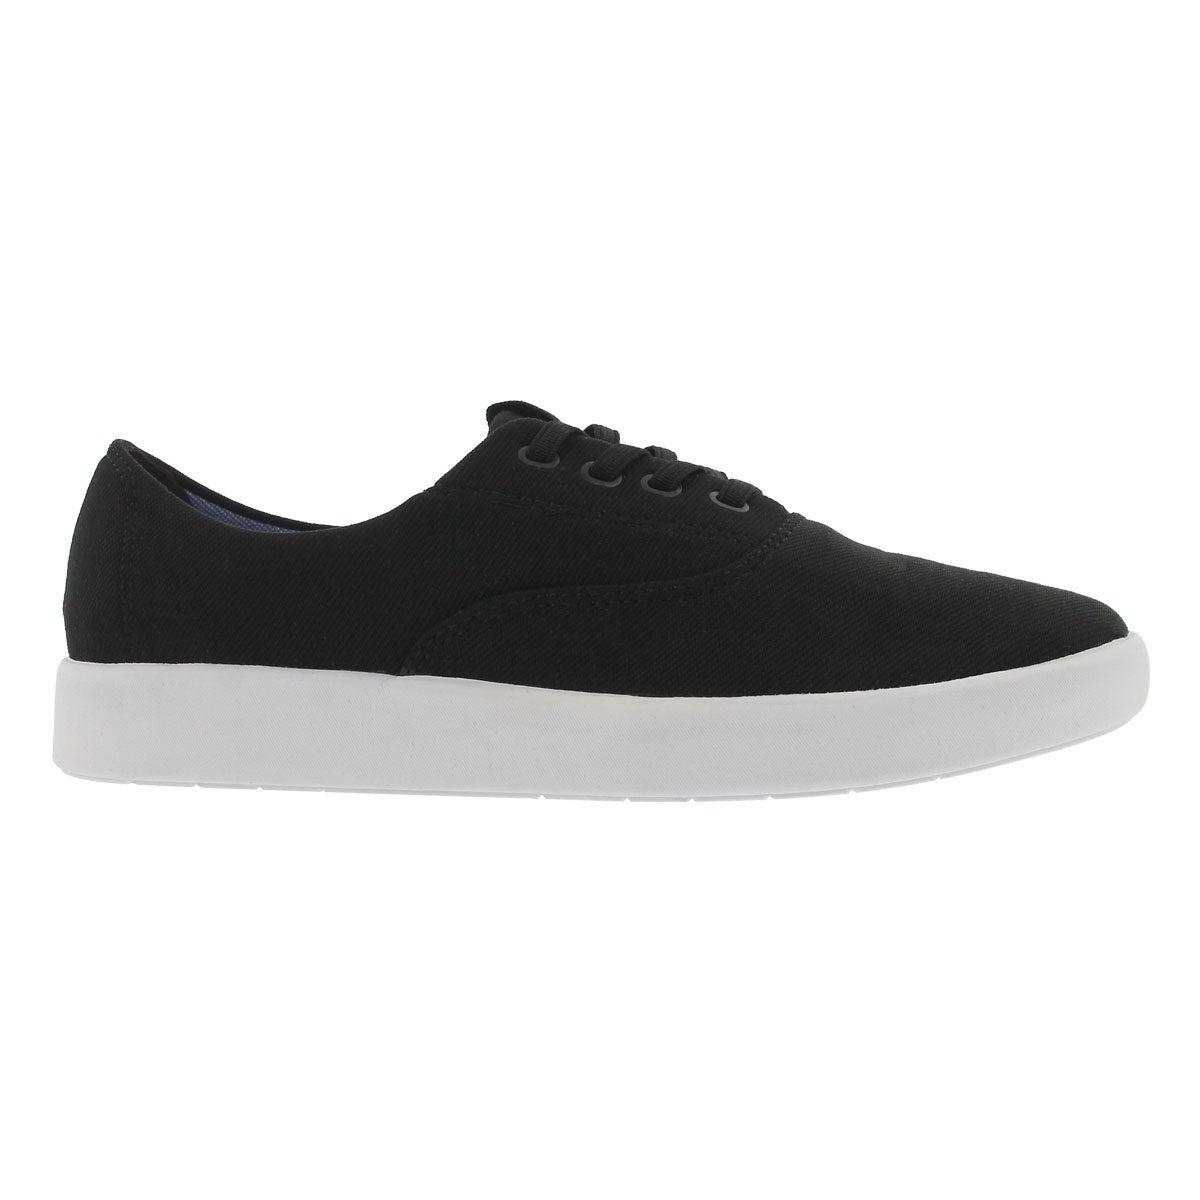 Lds Studio Leap Jersey black sneaker